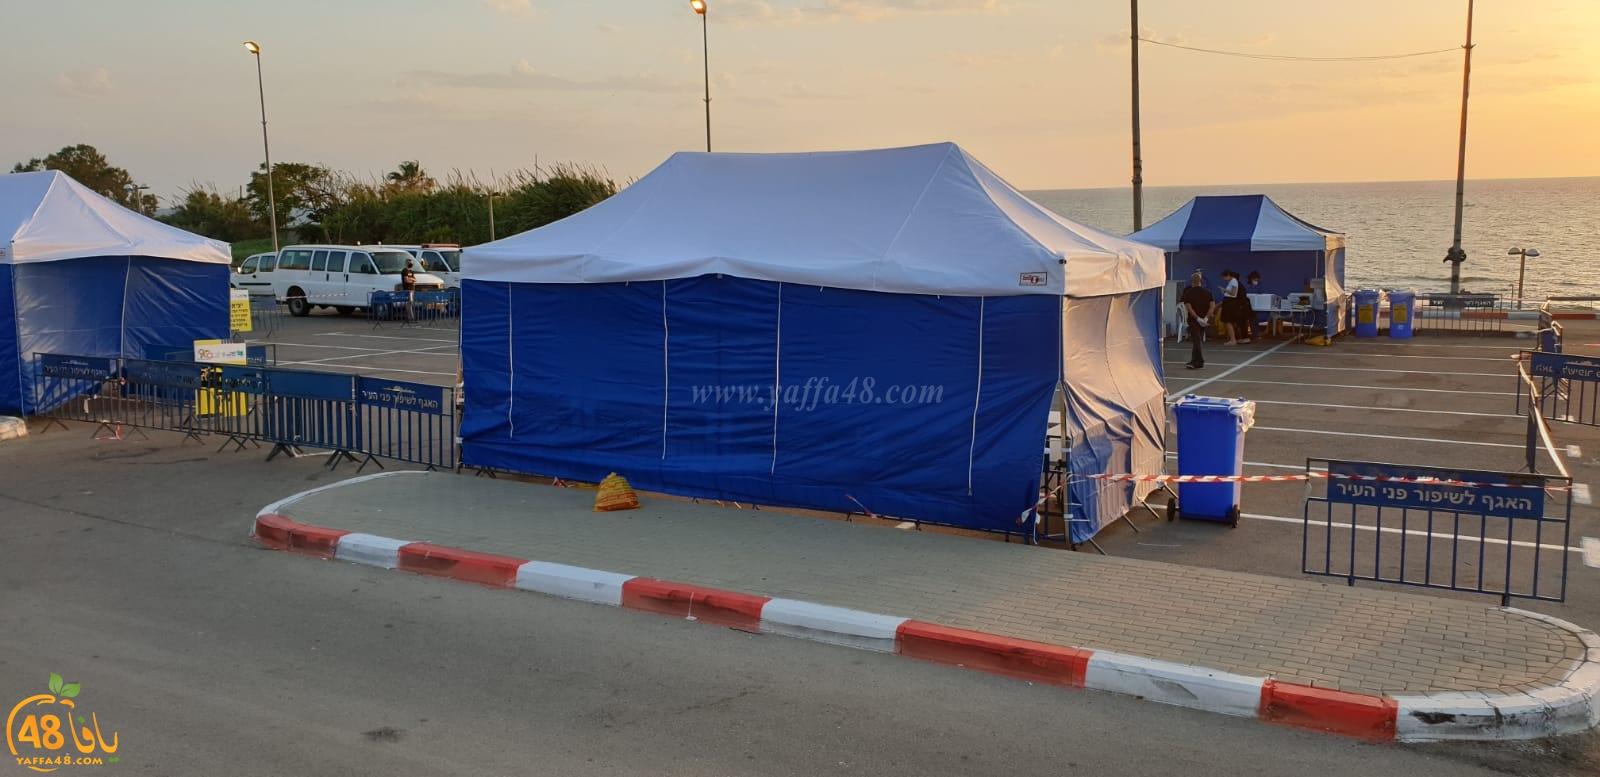 افتتاح محطة لفحص الكورونا في شارع كيدم بيافا